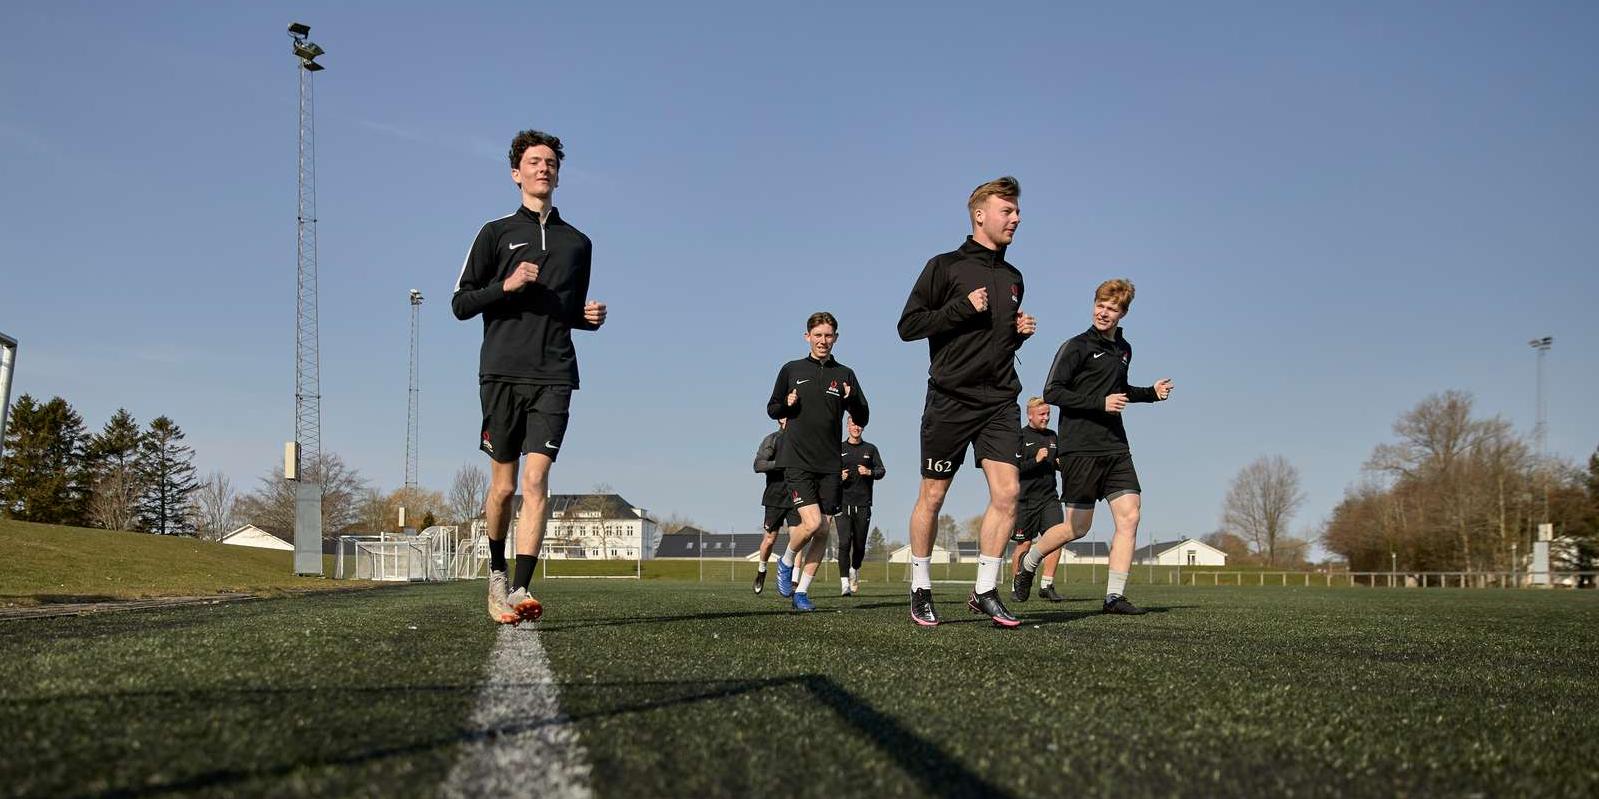 Header, Kostgymnasium, Fodbold, Fodbold for drenge